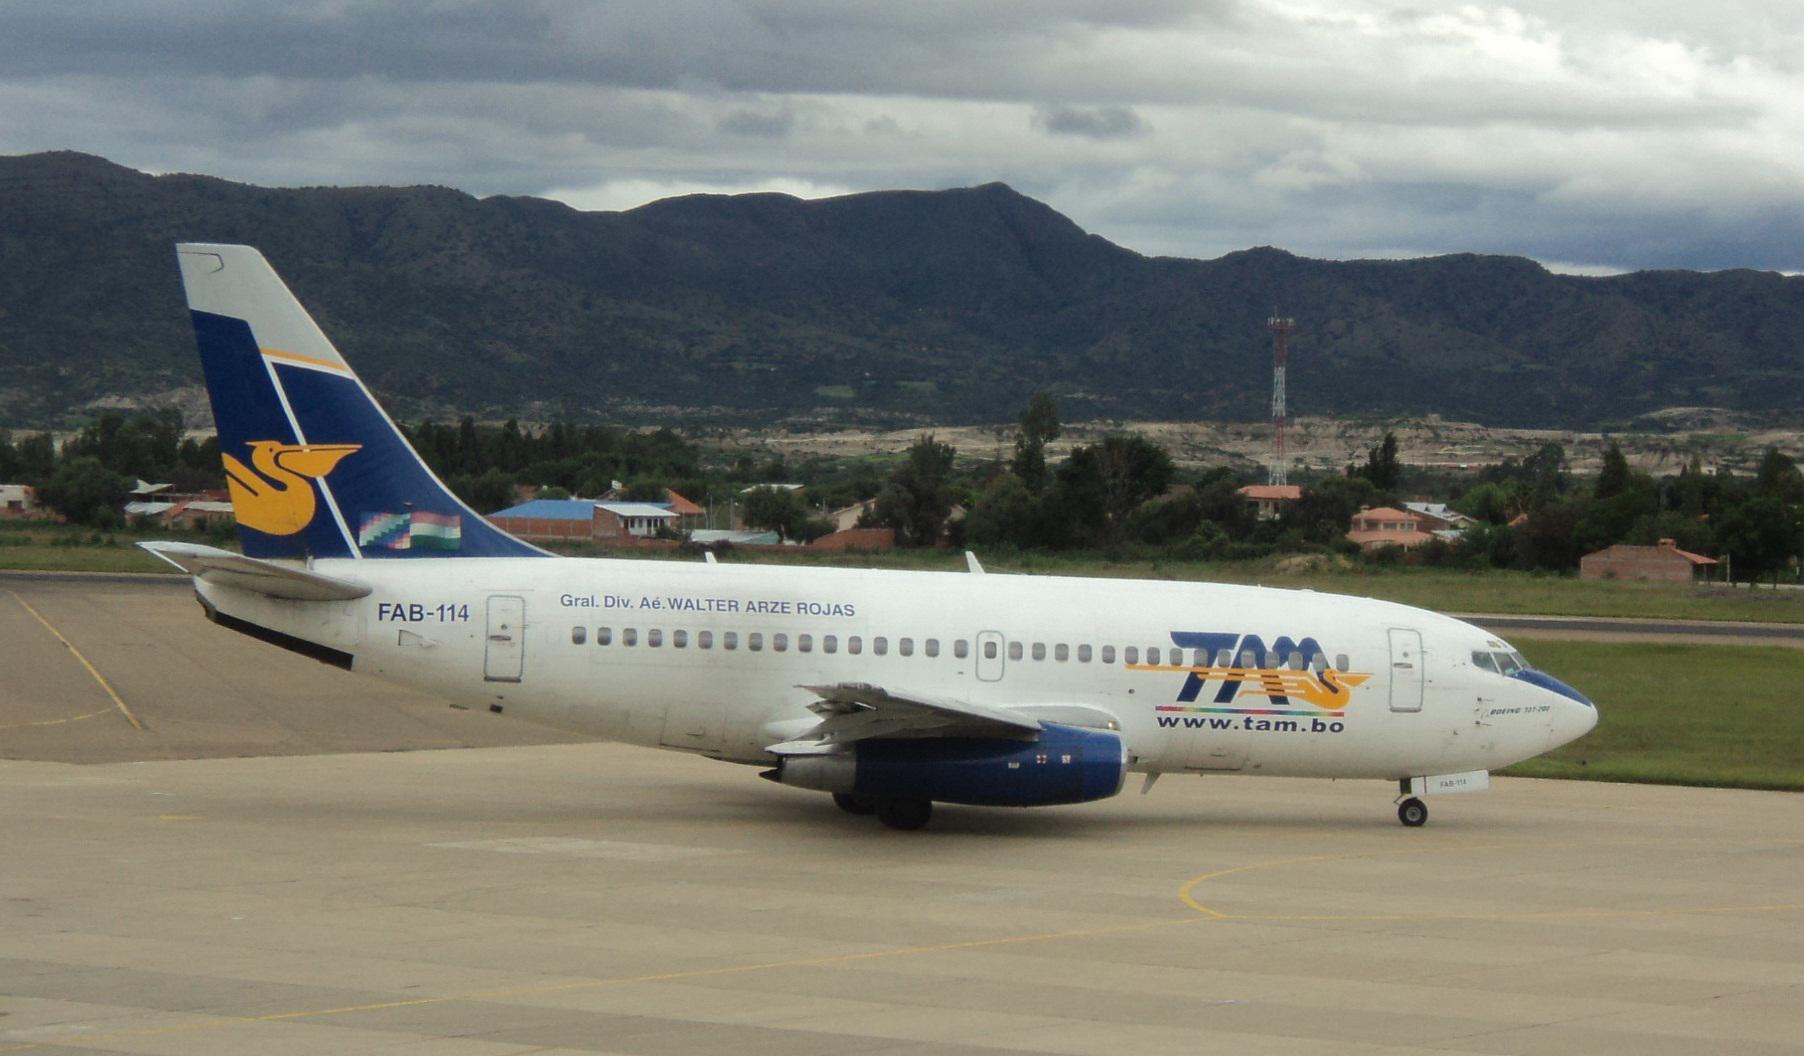 Archivo Boeing 737-200 De Tam En Tarija Jpg